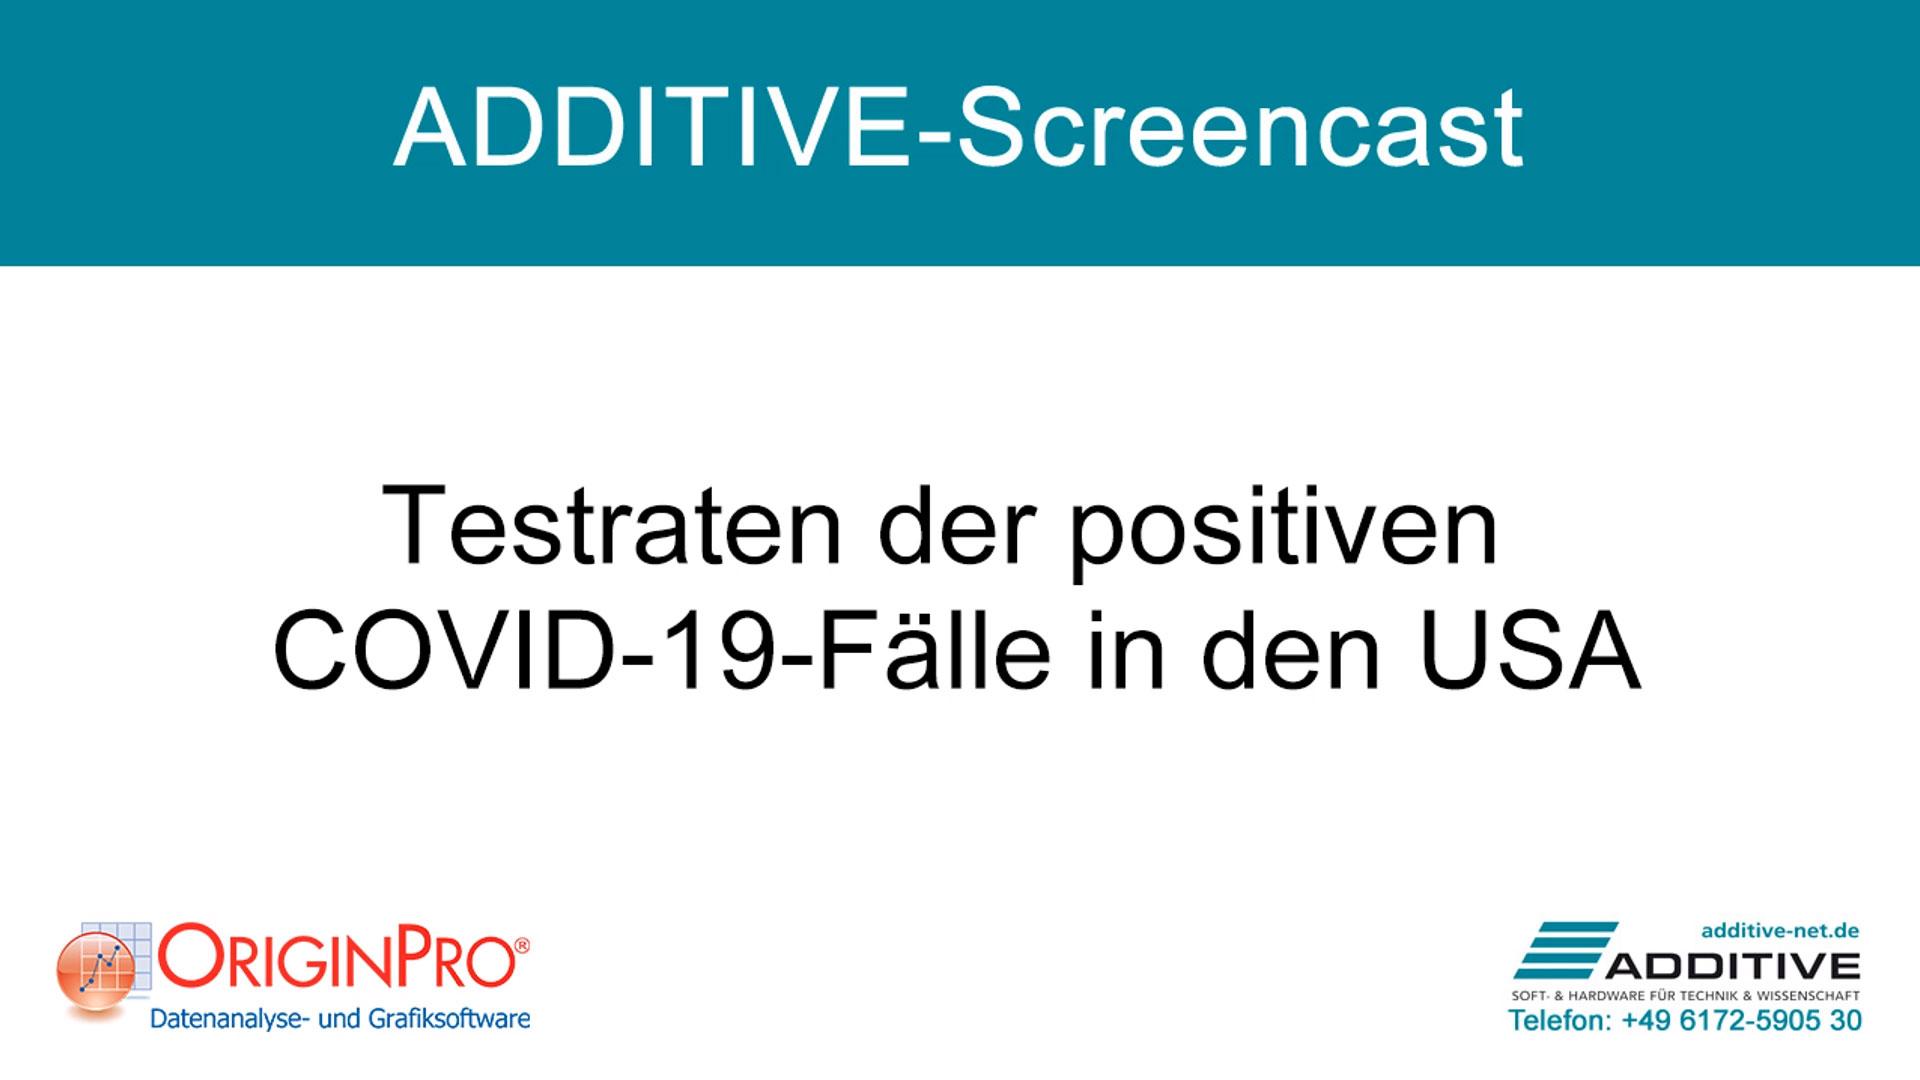 Datenfilter anhand von Testraten positiver COVID-19-Fälle (USA) in OriginPro 2020b